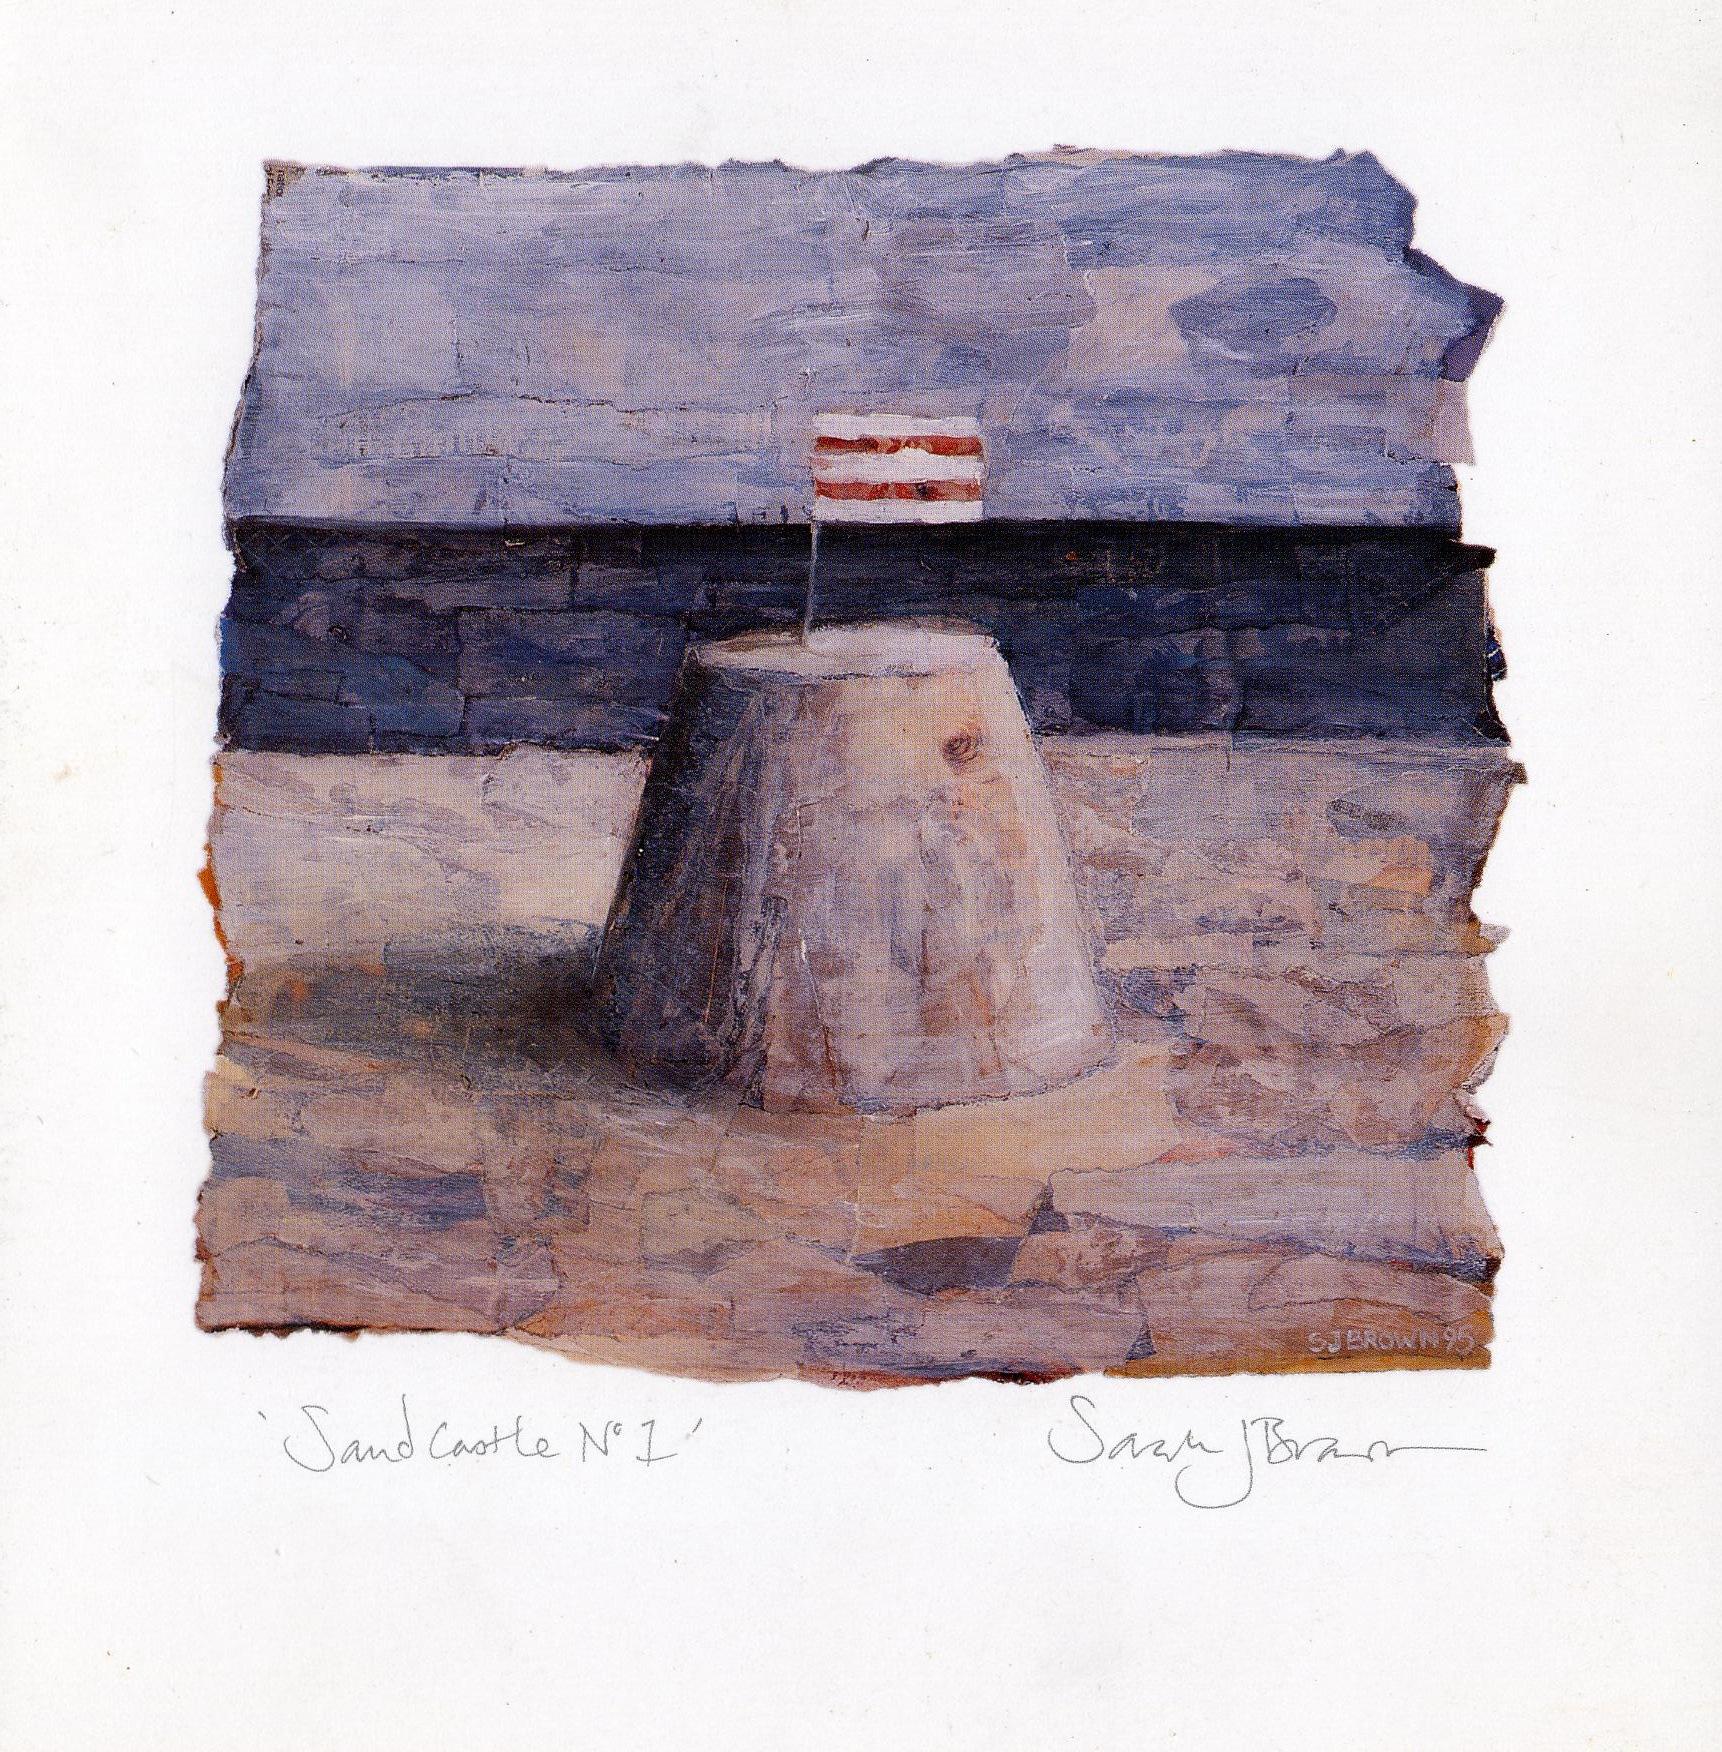 Sand castle No1